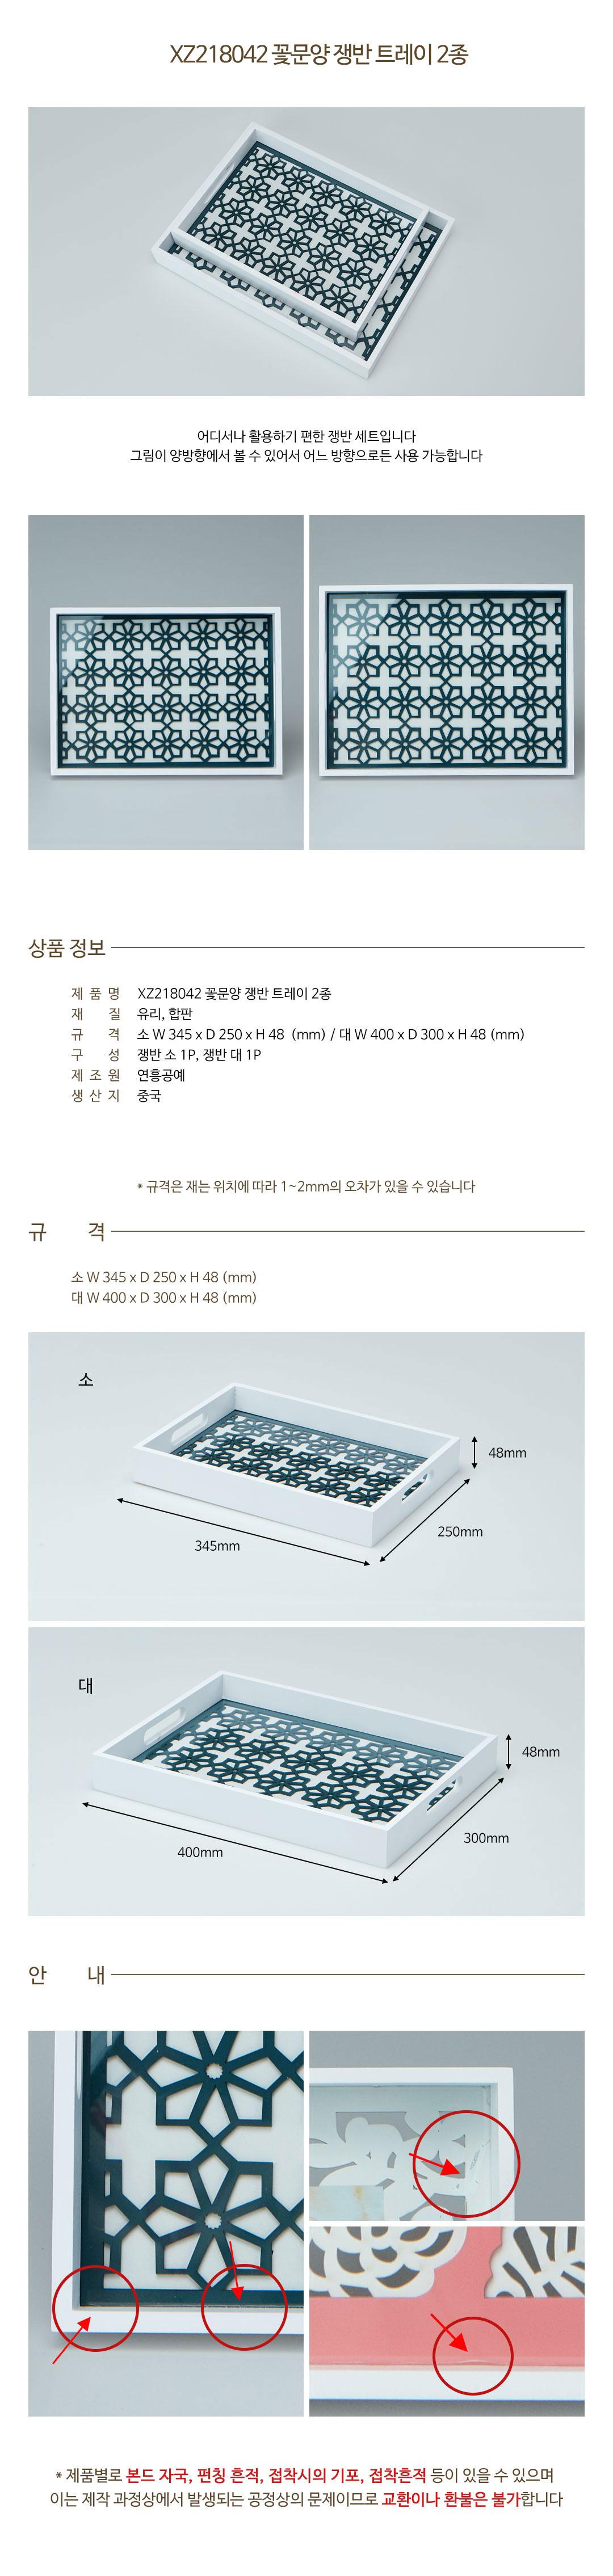 (3090040) 꽃문양 트레이 세트 (소대) - 와드몰, 31,800원, 주방소품, 쟁반/트레이